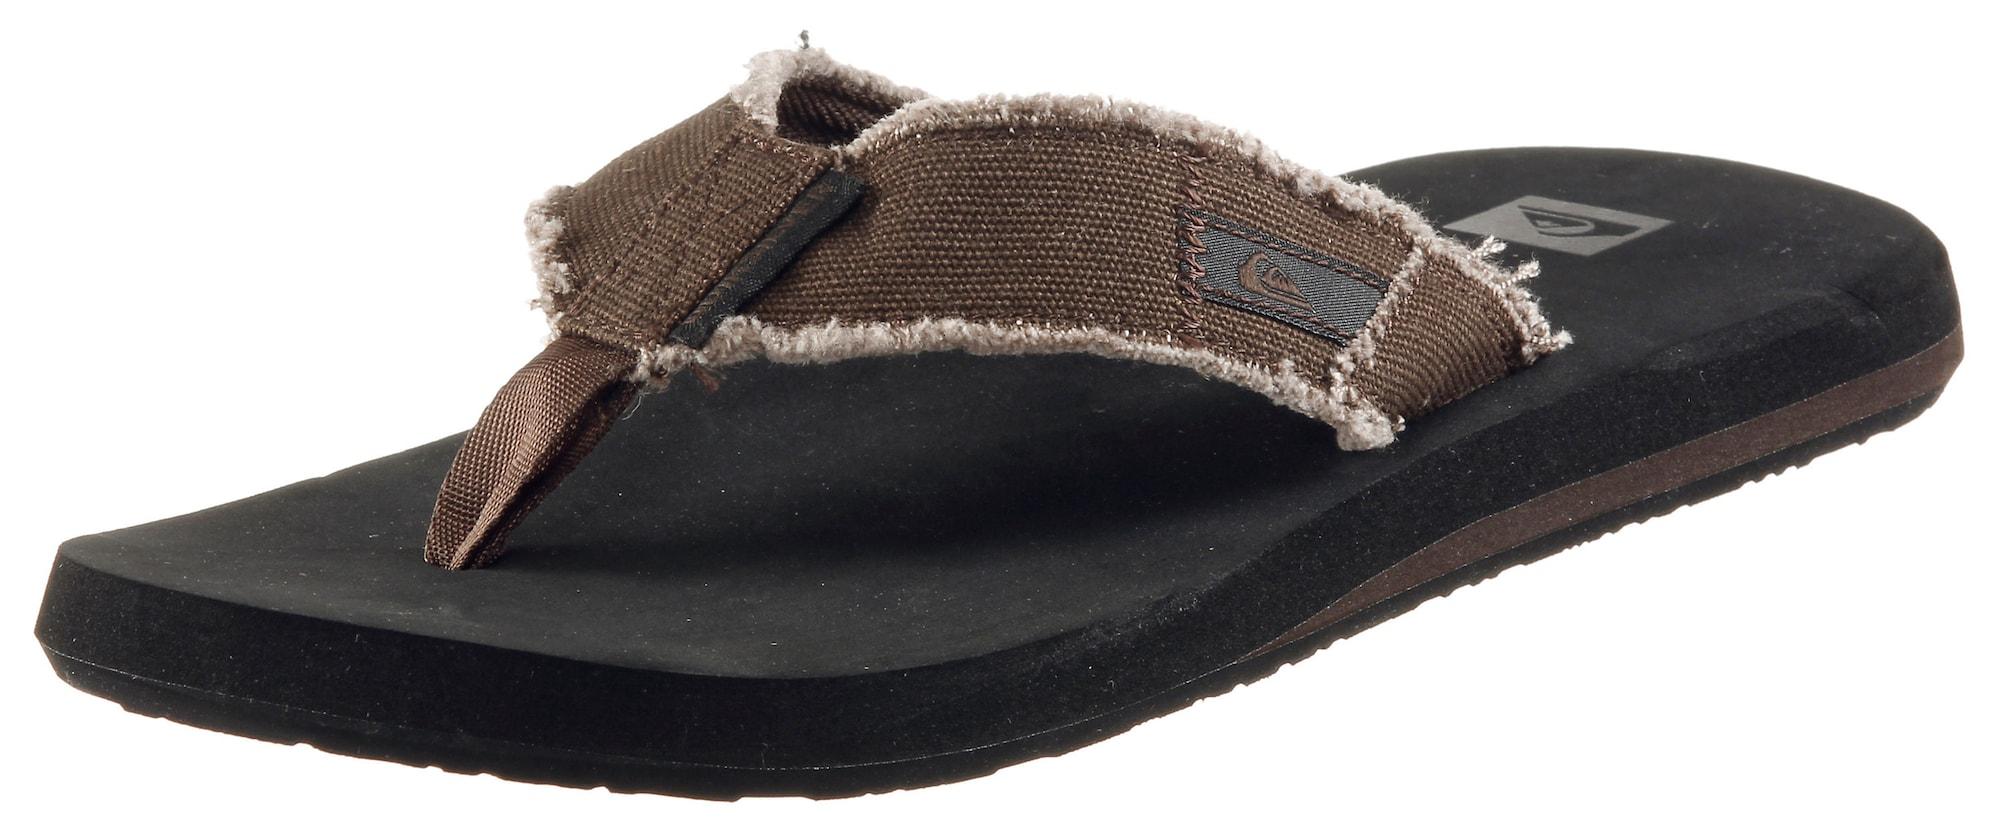 Plážovákoupací obuv MONKEY ABYSS tmavě hnědá QUIKSILVER